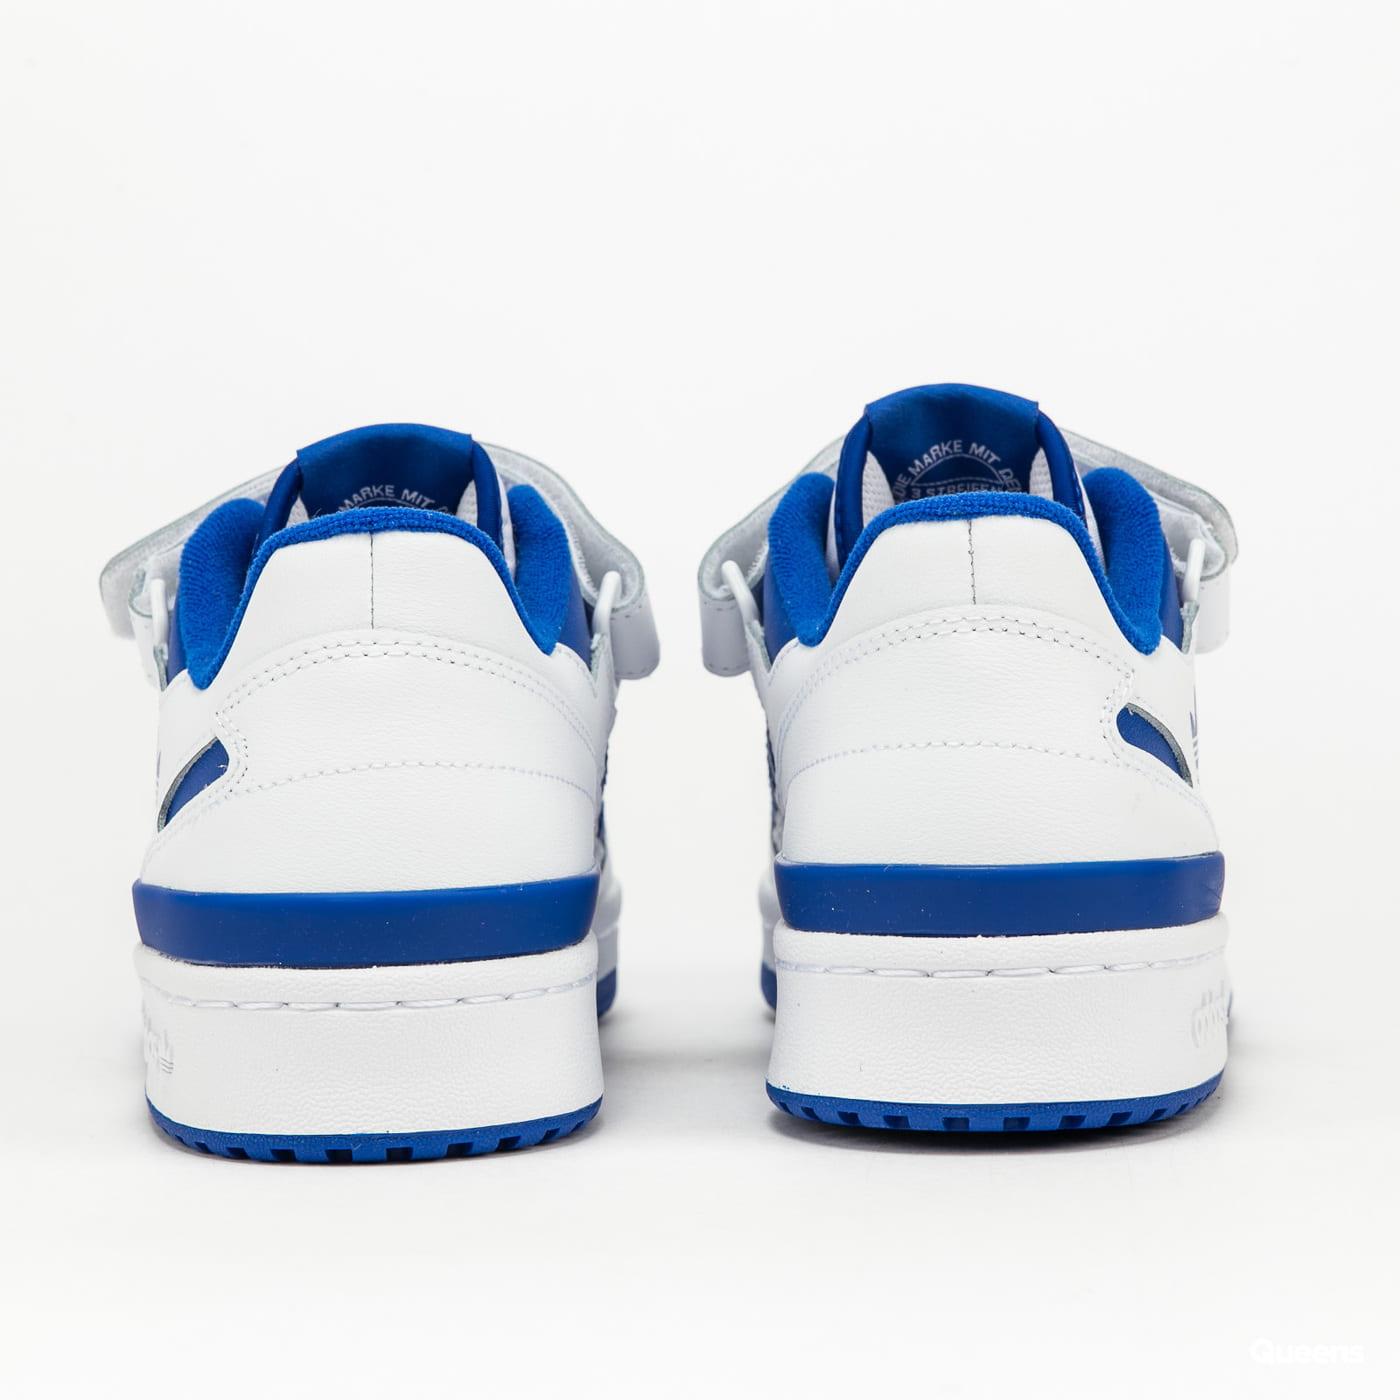 adidas Originals Forum Low ftwwht / ftwwht / royblu